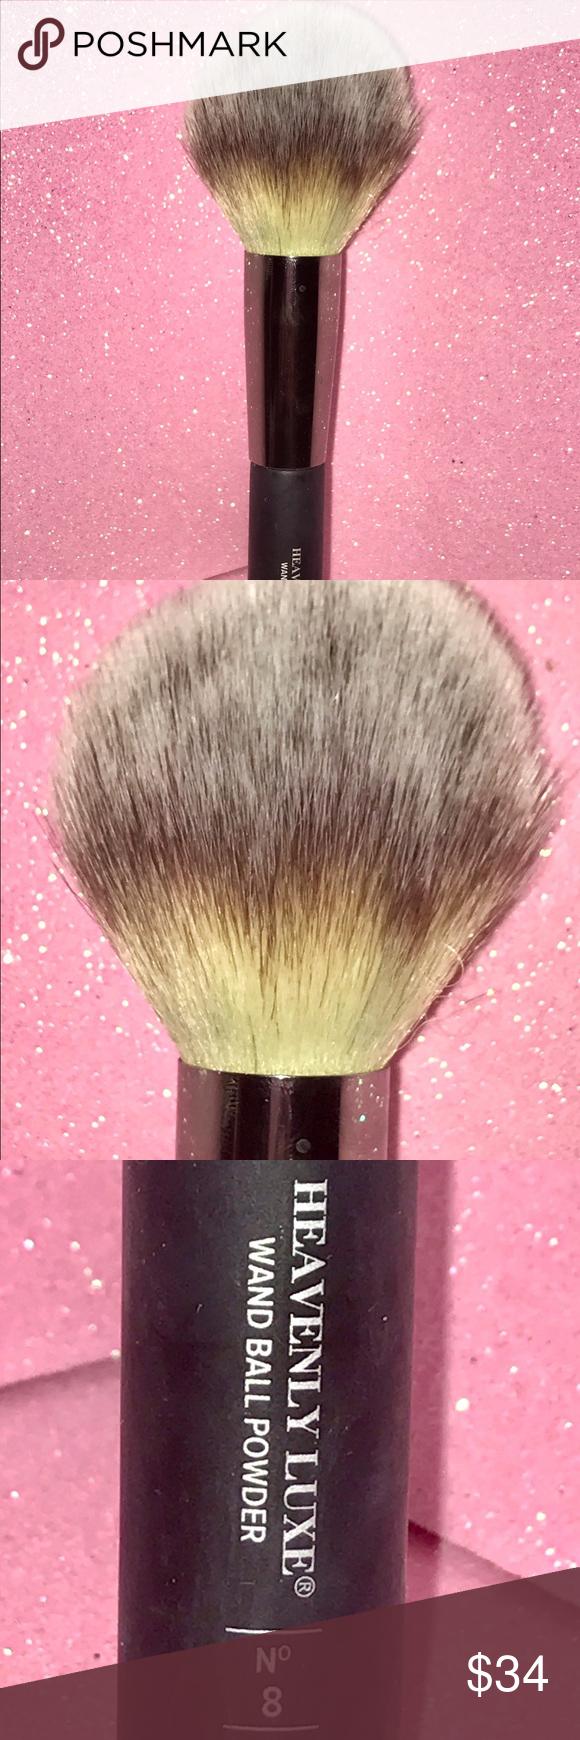 It Cosmetics Wand Ball Powder Makeup Brush 8 Powder